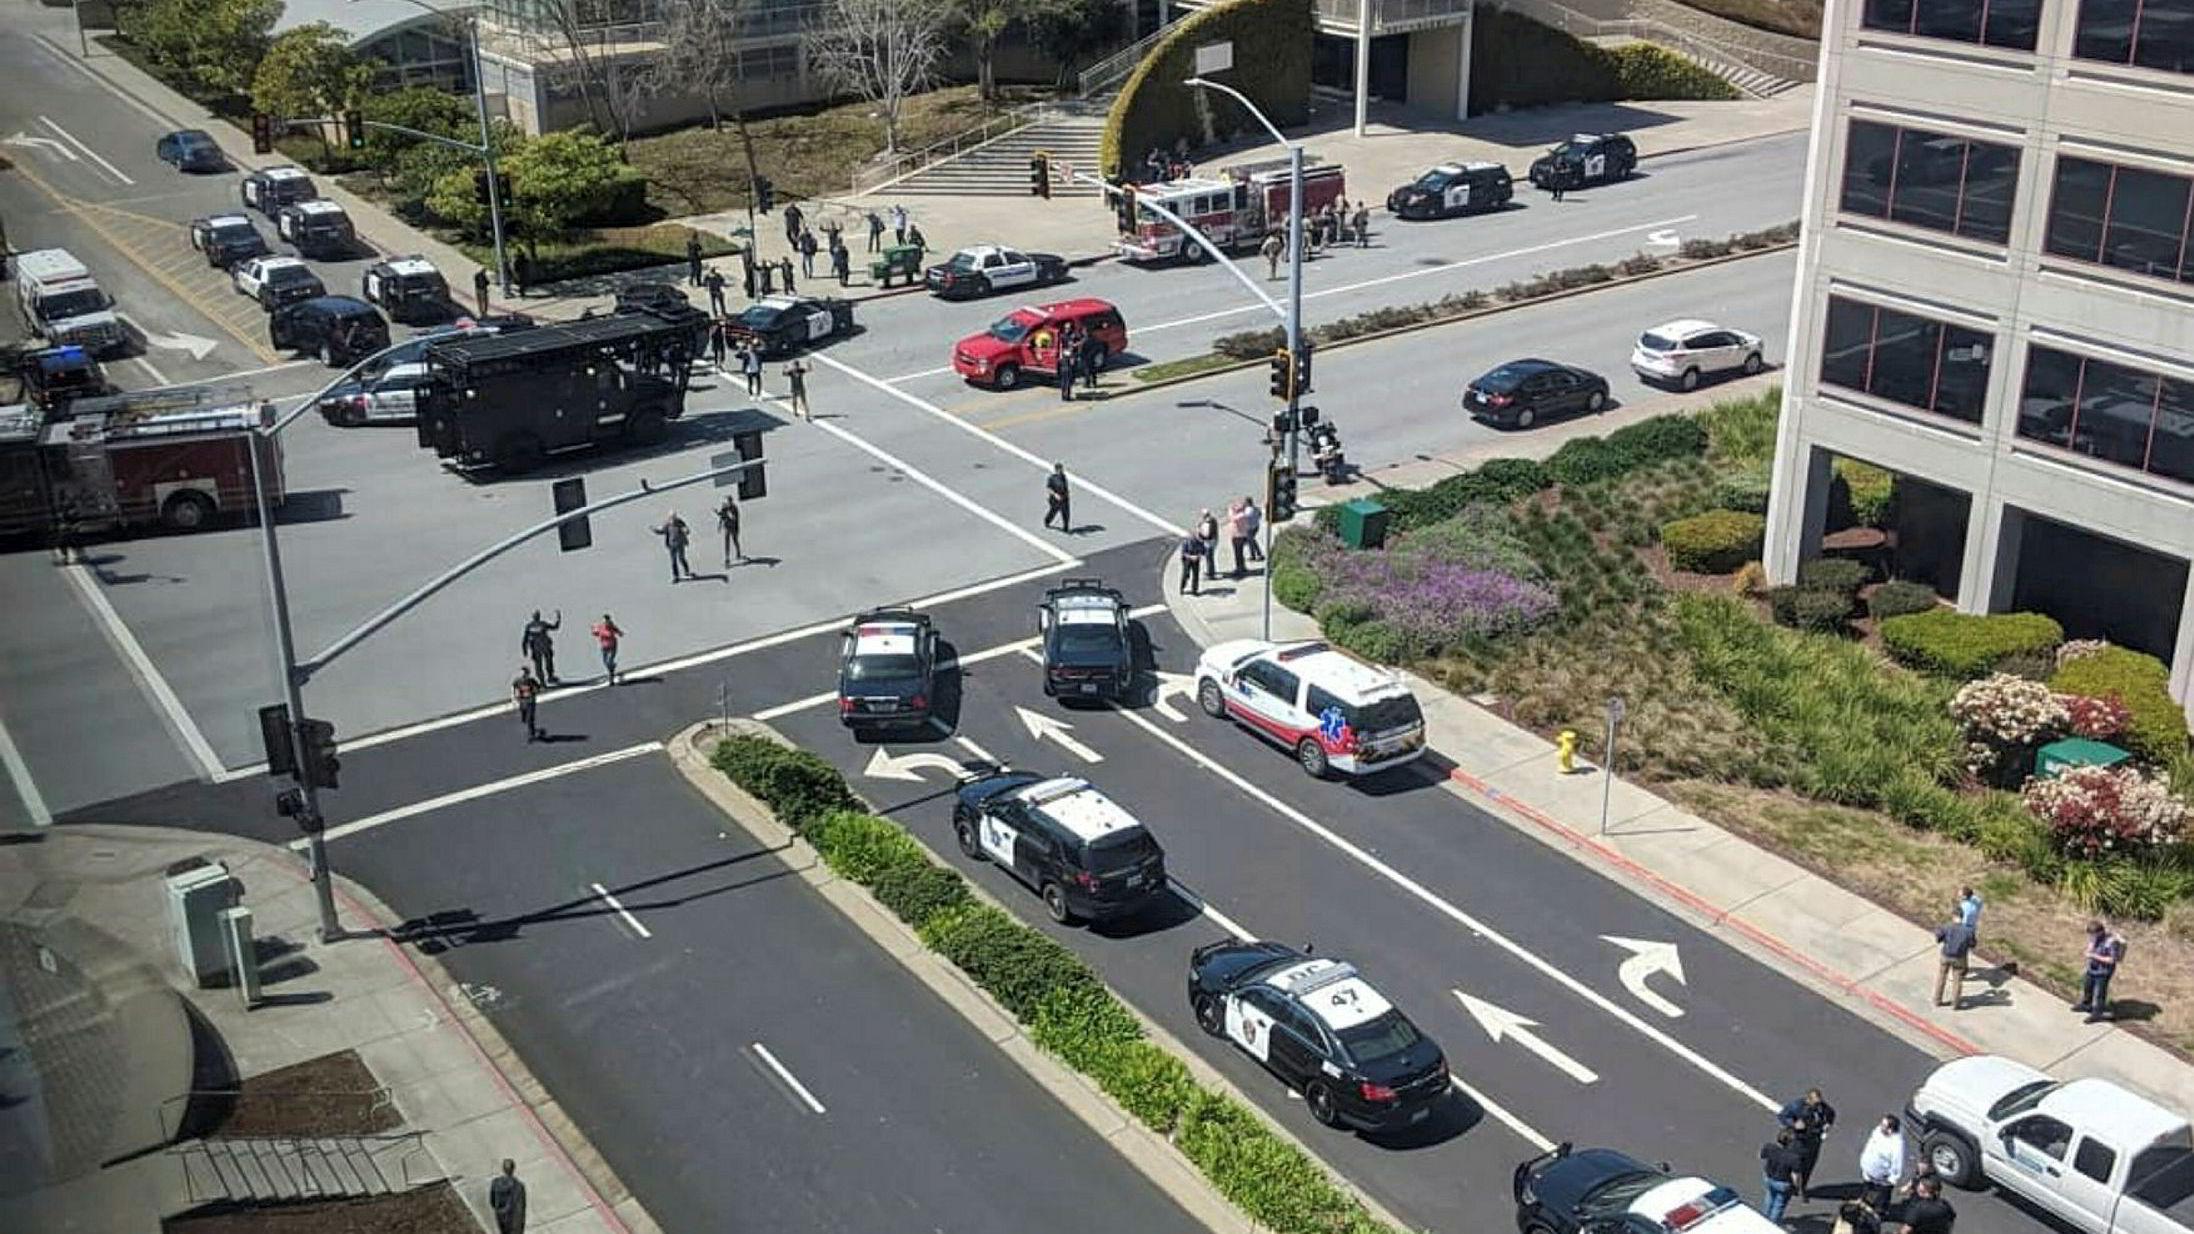 Politibiler utenfor hovedkontoret til Youtube i San Bruno i California, i forbindelse med en skyteepisode.